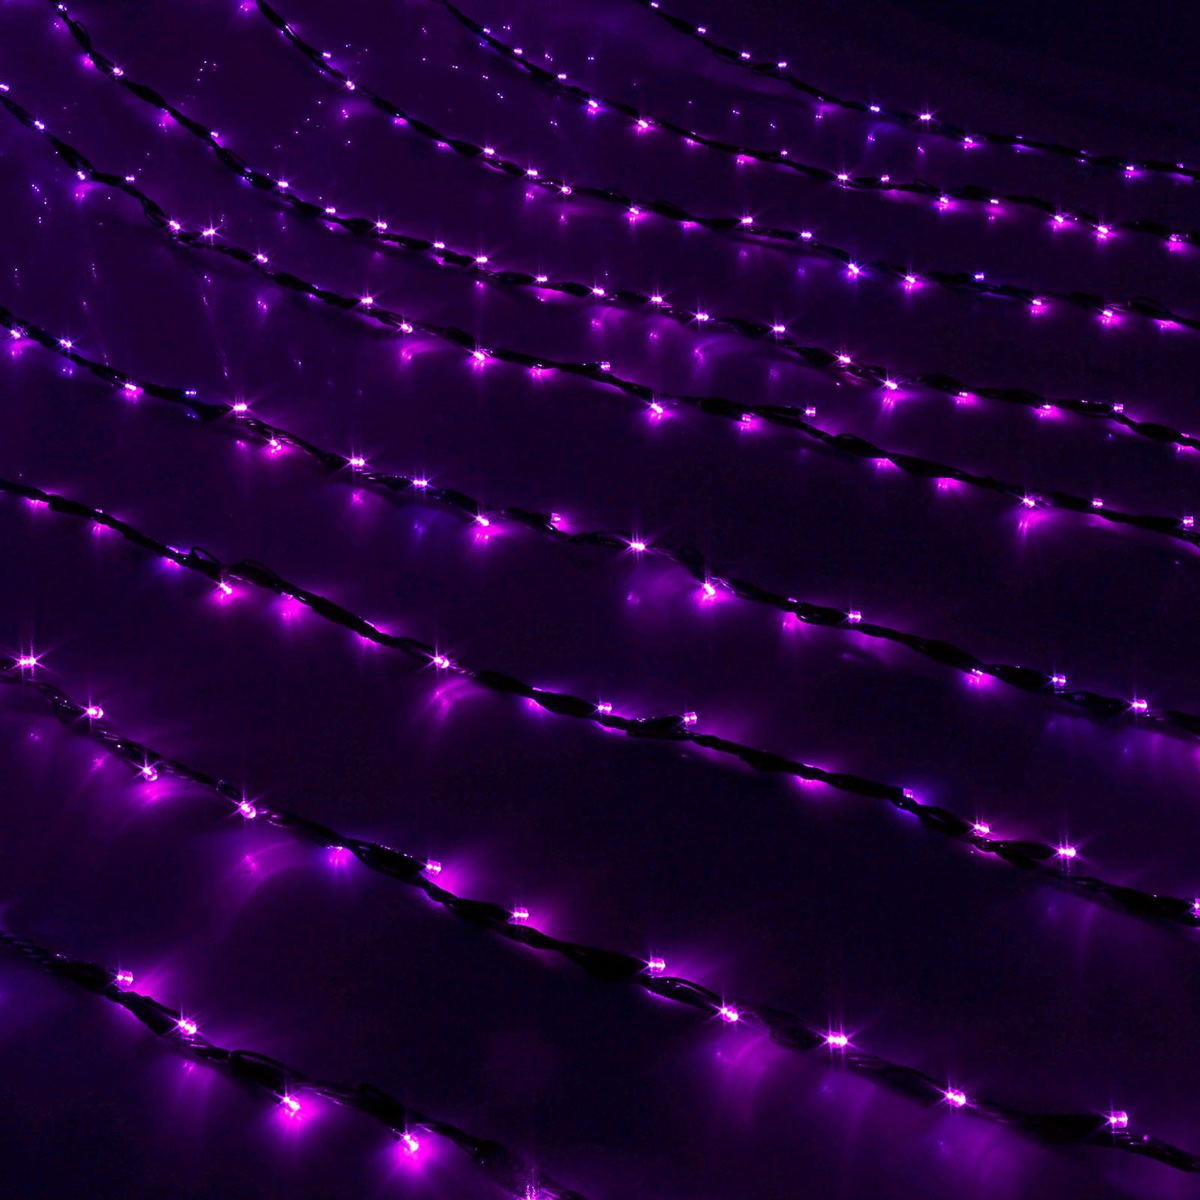 Гирлянда светодиодная Luazon Дождь, уличная, 8 режимов, 400 ламп, 220 V, цвет: фиолетовый, 2 х 1,5 м. 187297187297Светодиодные гирлянды, ленты и т.д — это отличный вариант для новогоднего оформления интерьера или фасада. С их помощью помещение любого размера можно превратить в праздничный зал, а внешние элементы зданий, украшенные ими, мгновенно станут напоминать очертания сказочного дворца. Такие украшения создают ауру предвкушения чуда. Деревья, фасады, витрины, окна и арки будто специально созданы, чтобы вы украсили их светящимися нитями.